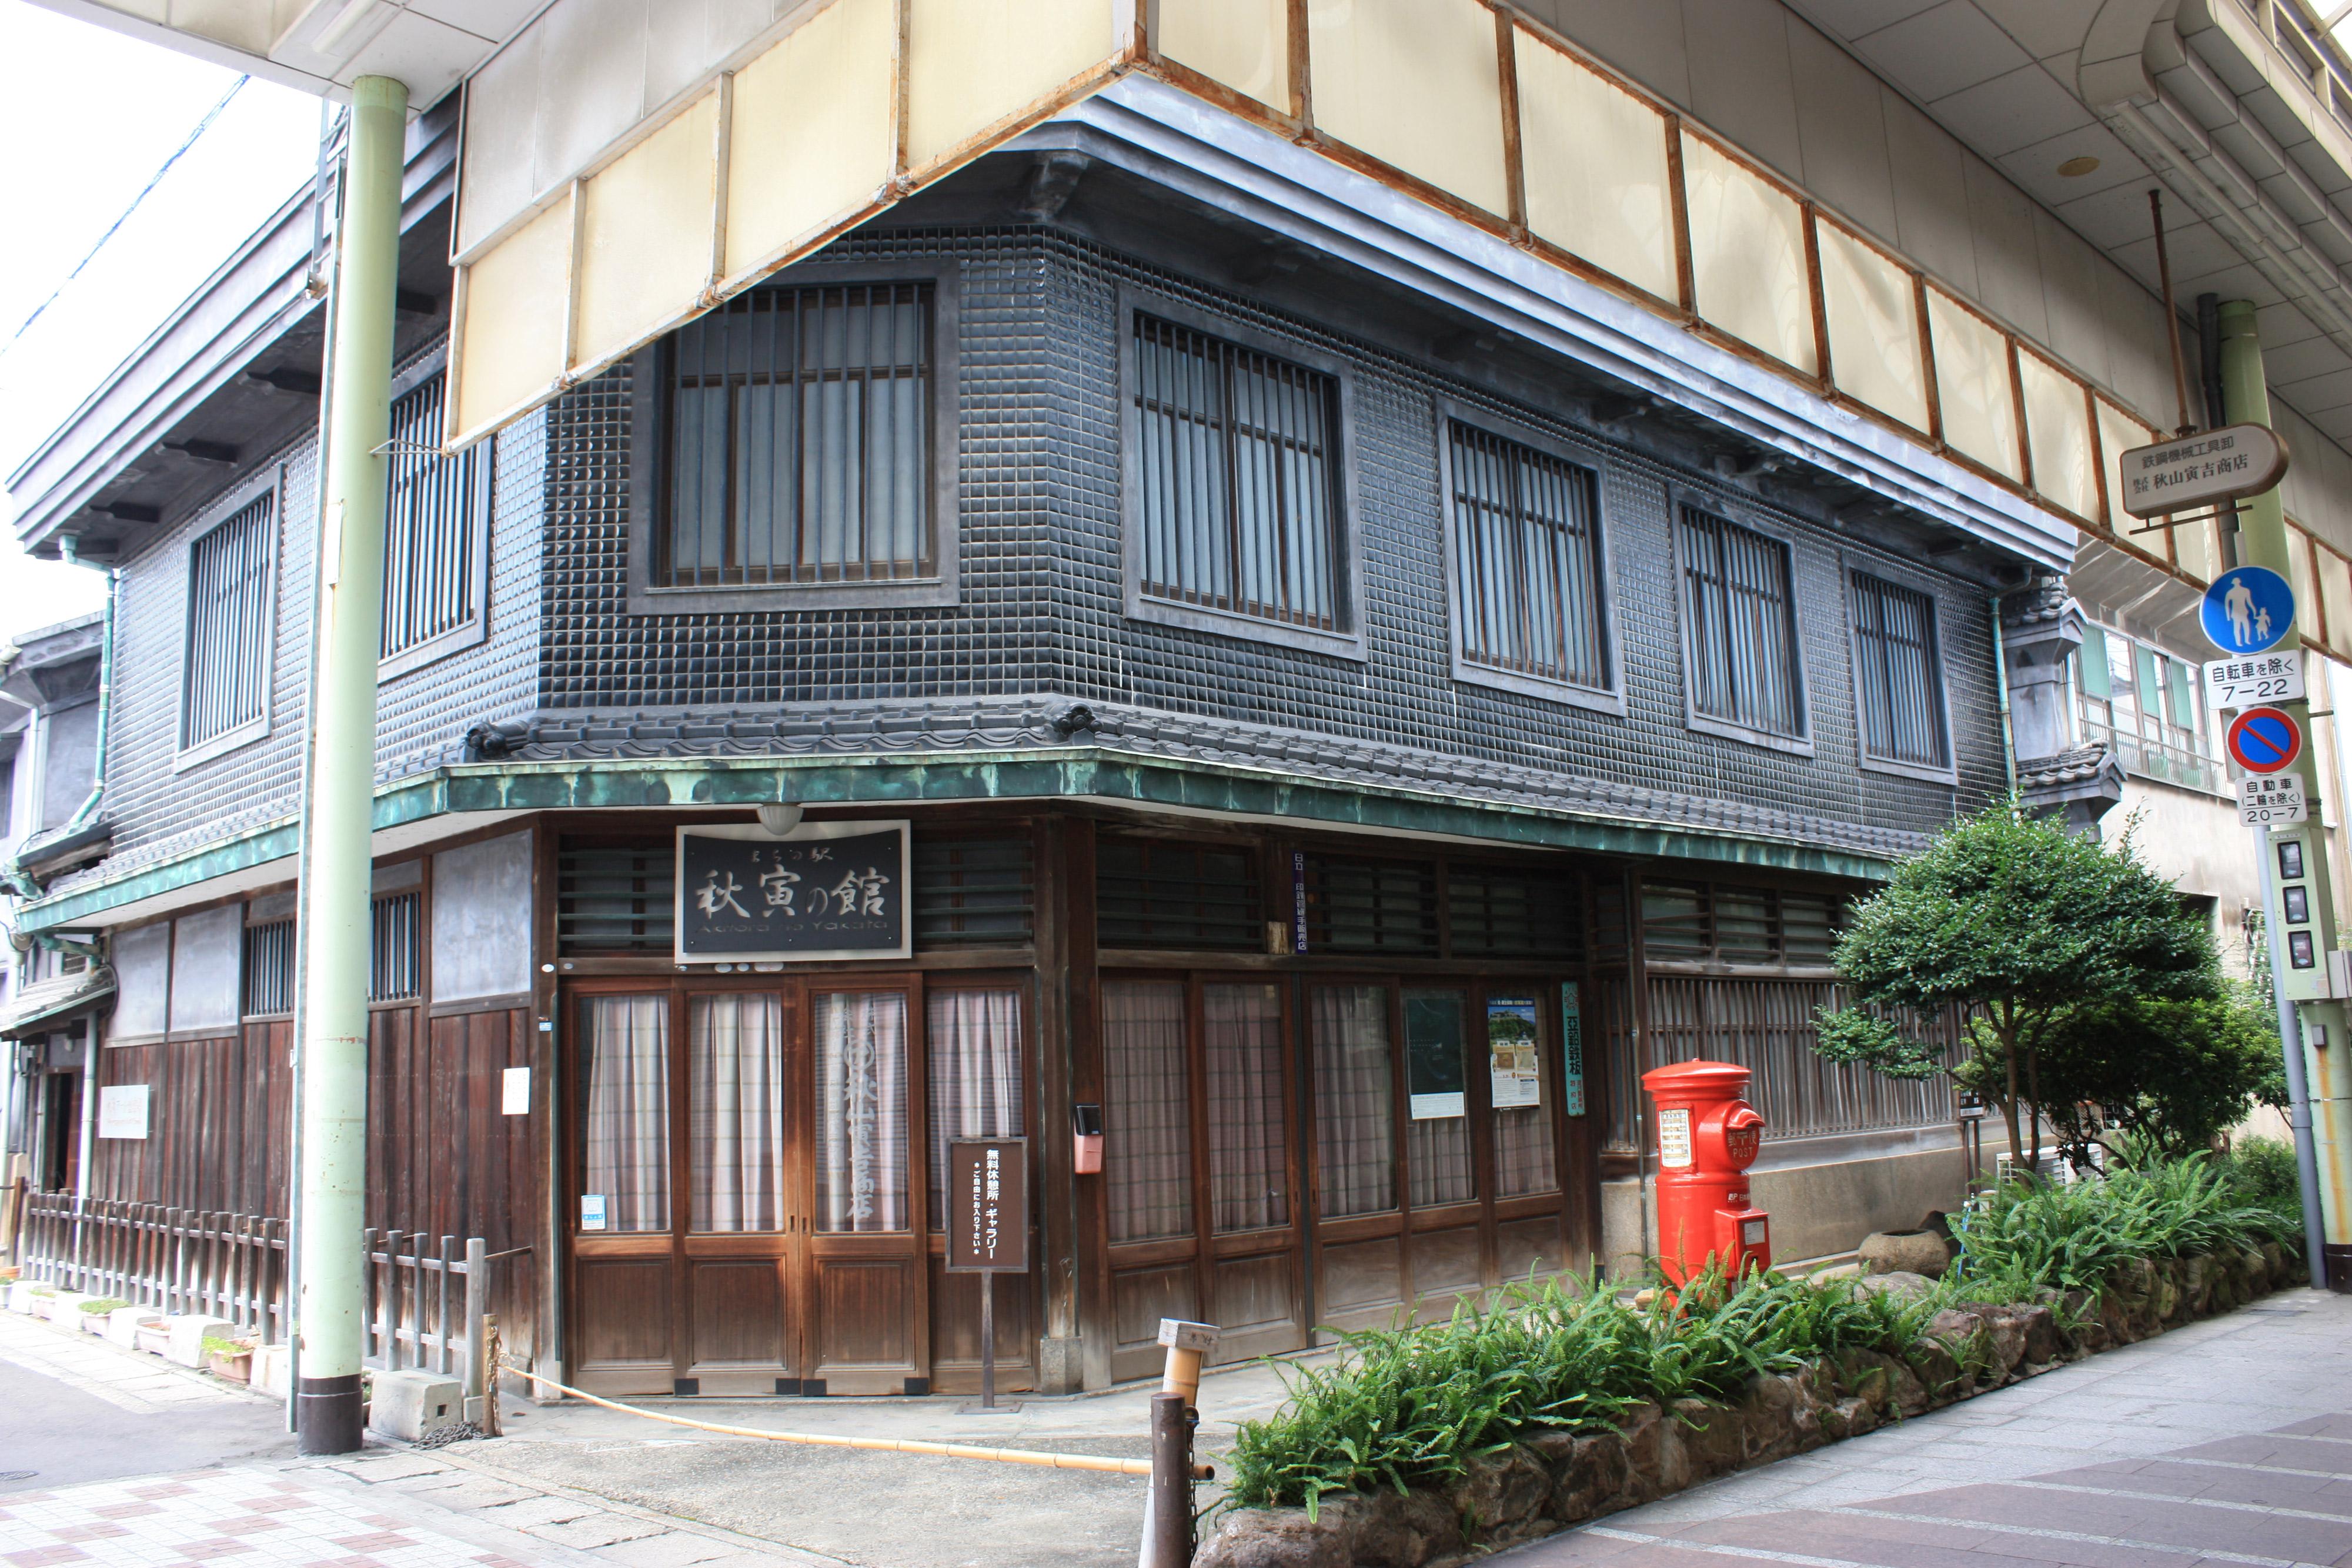 香川のまちの駅秋寅の館外観